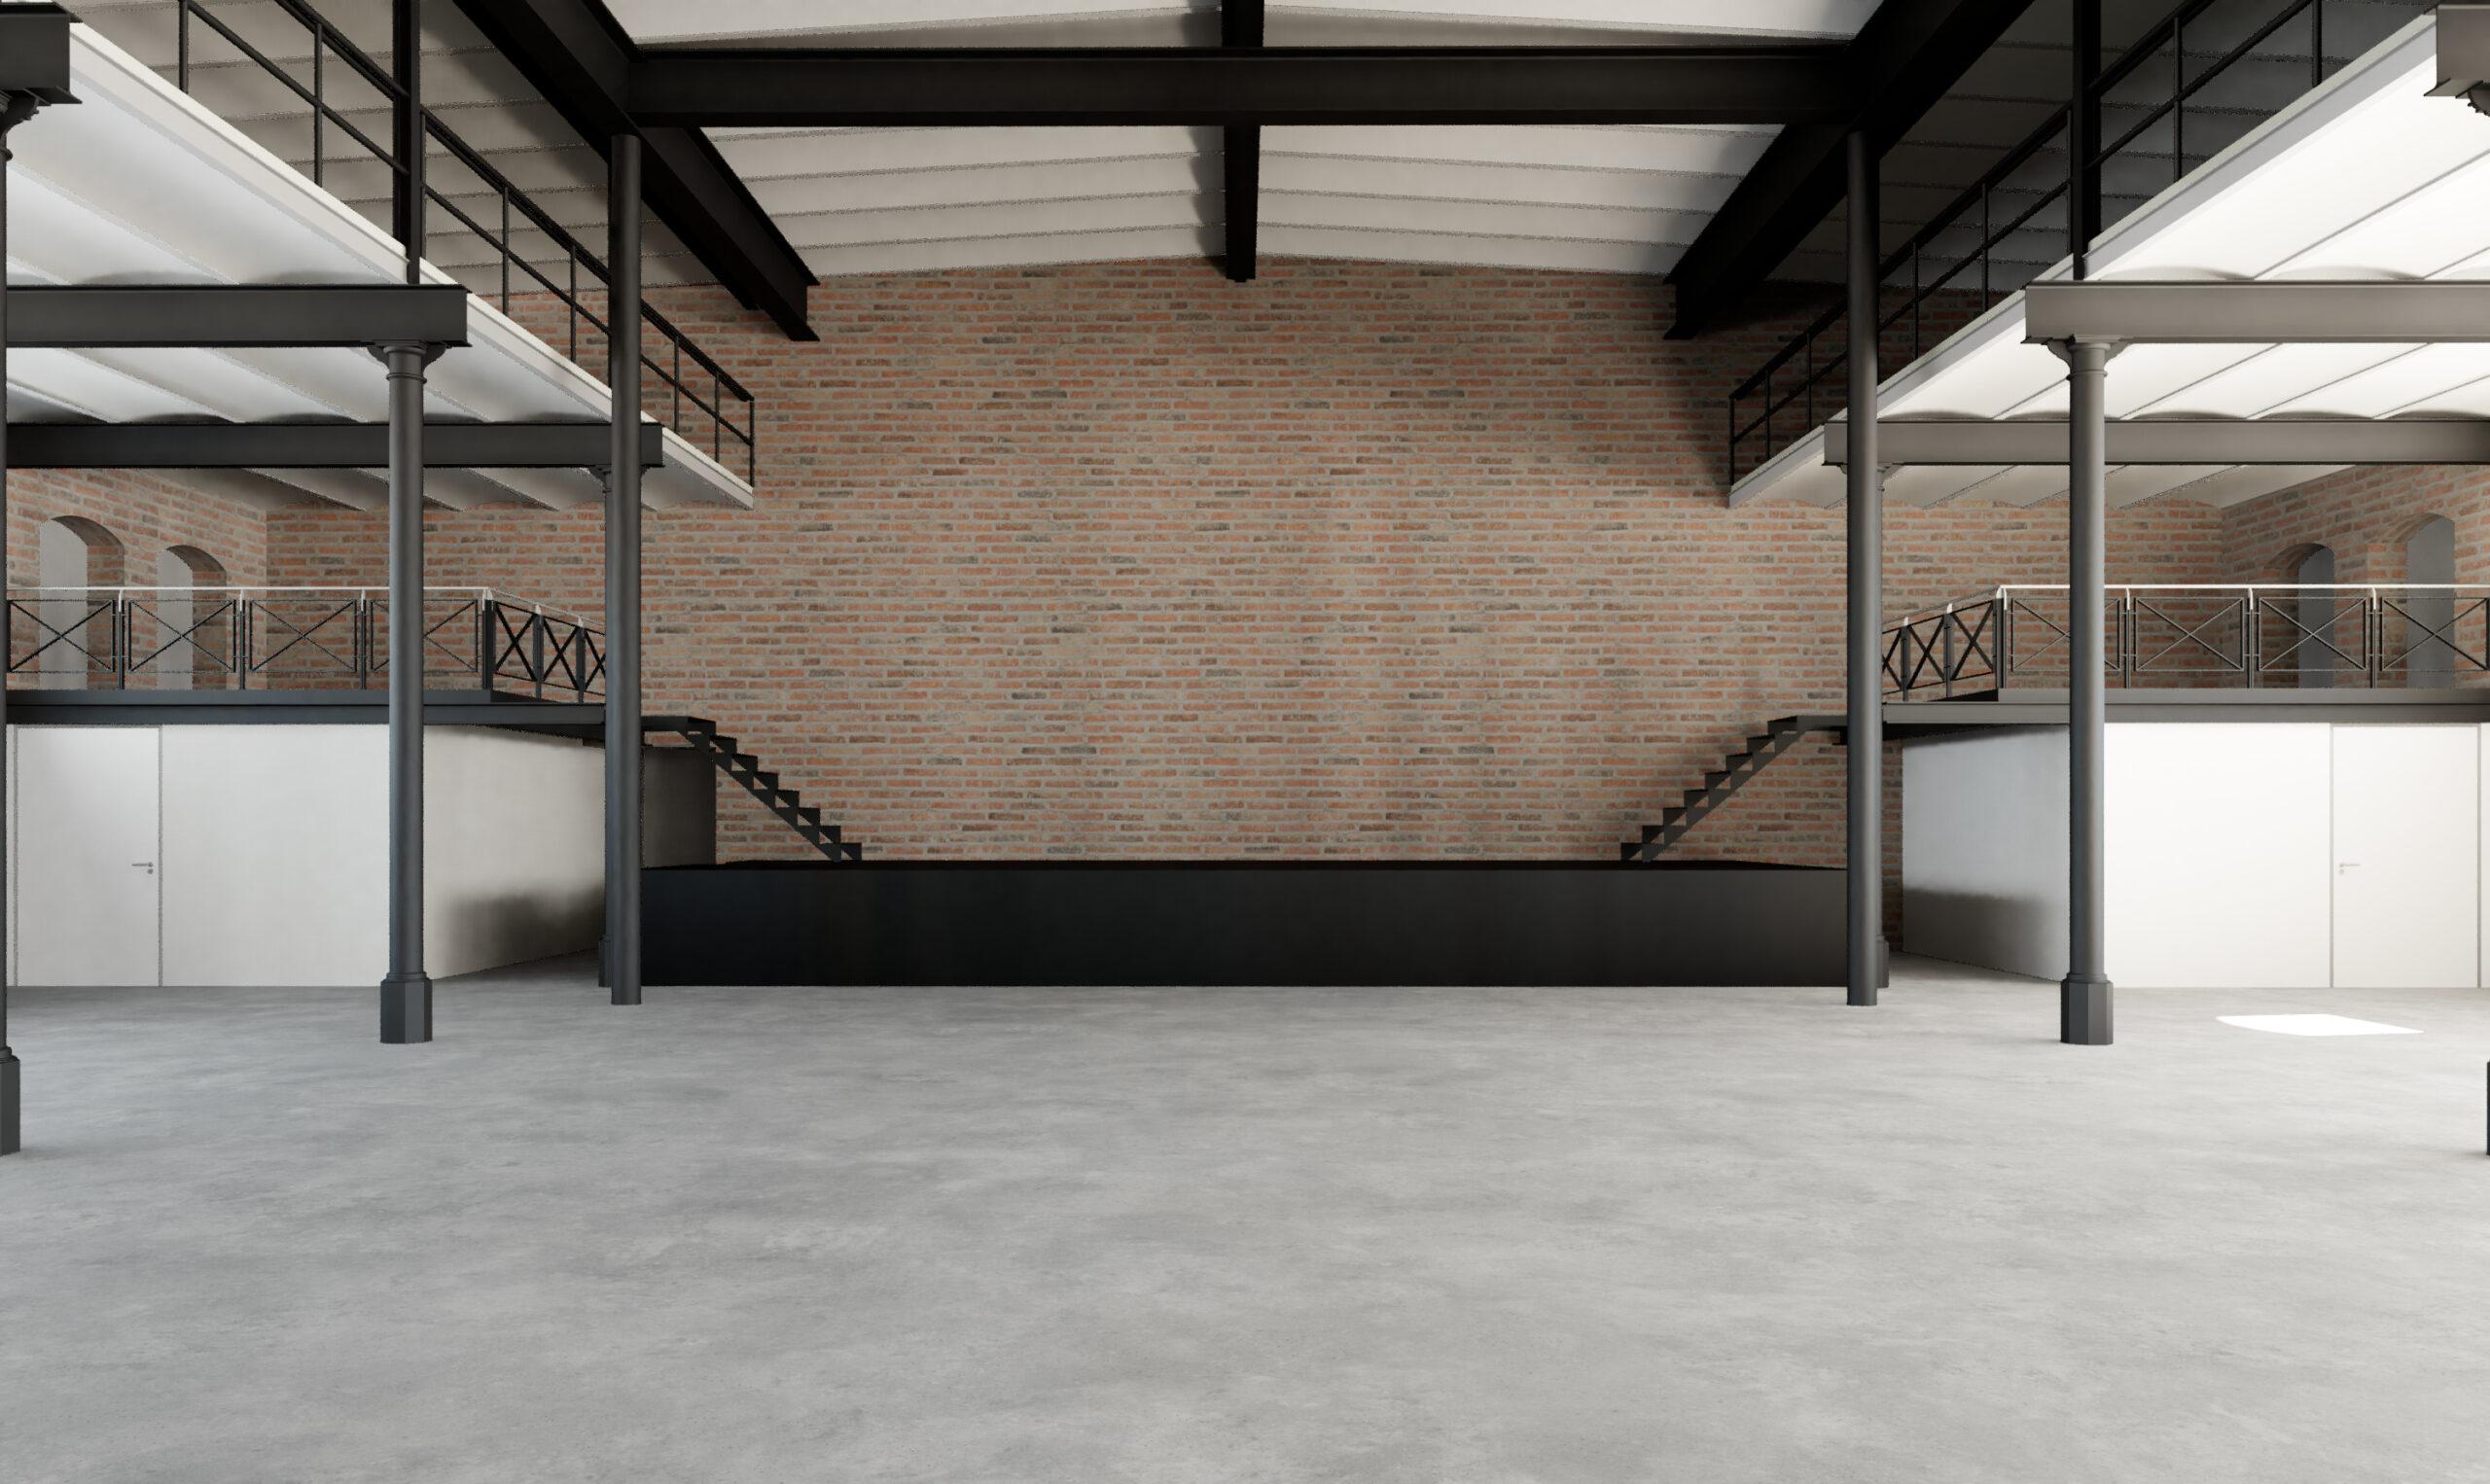 Bühne Raum C